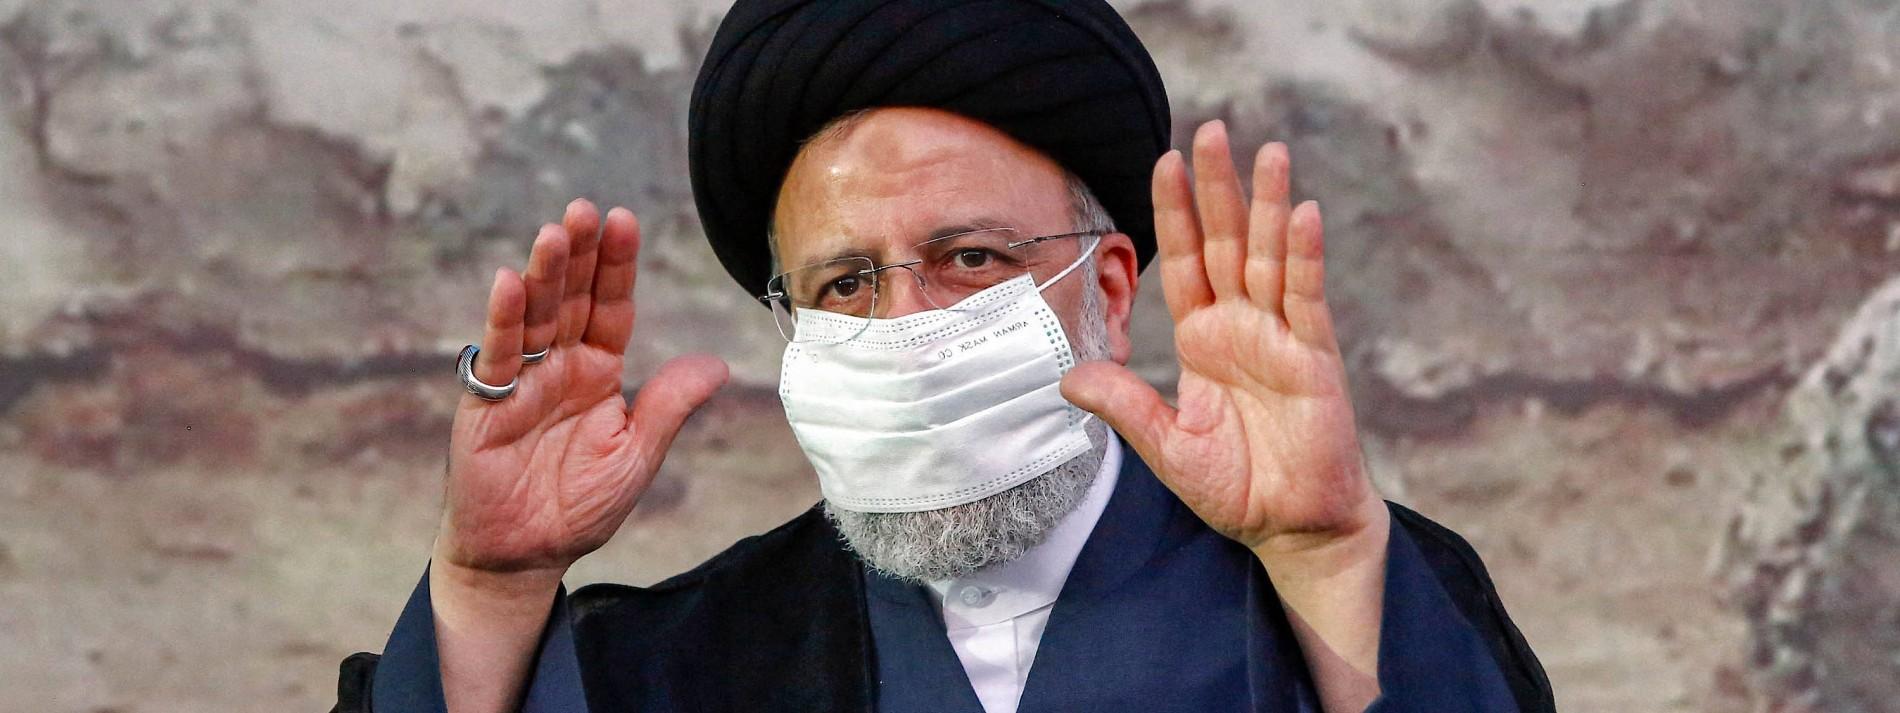 Raisi gewinnt Präsidentenwahl in Iran